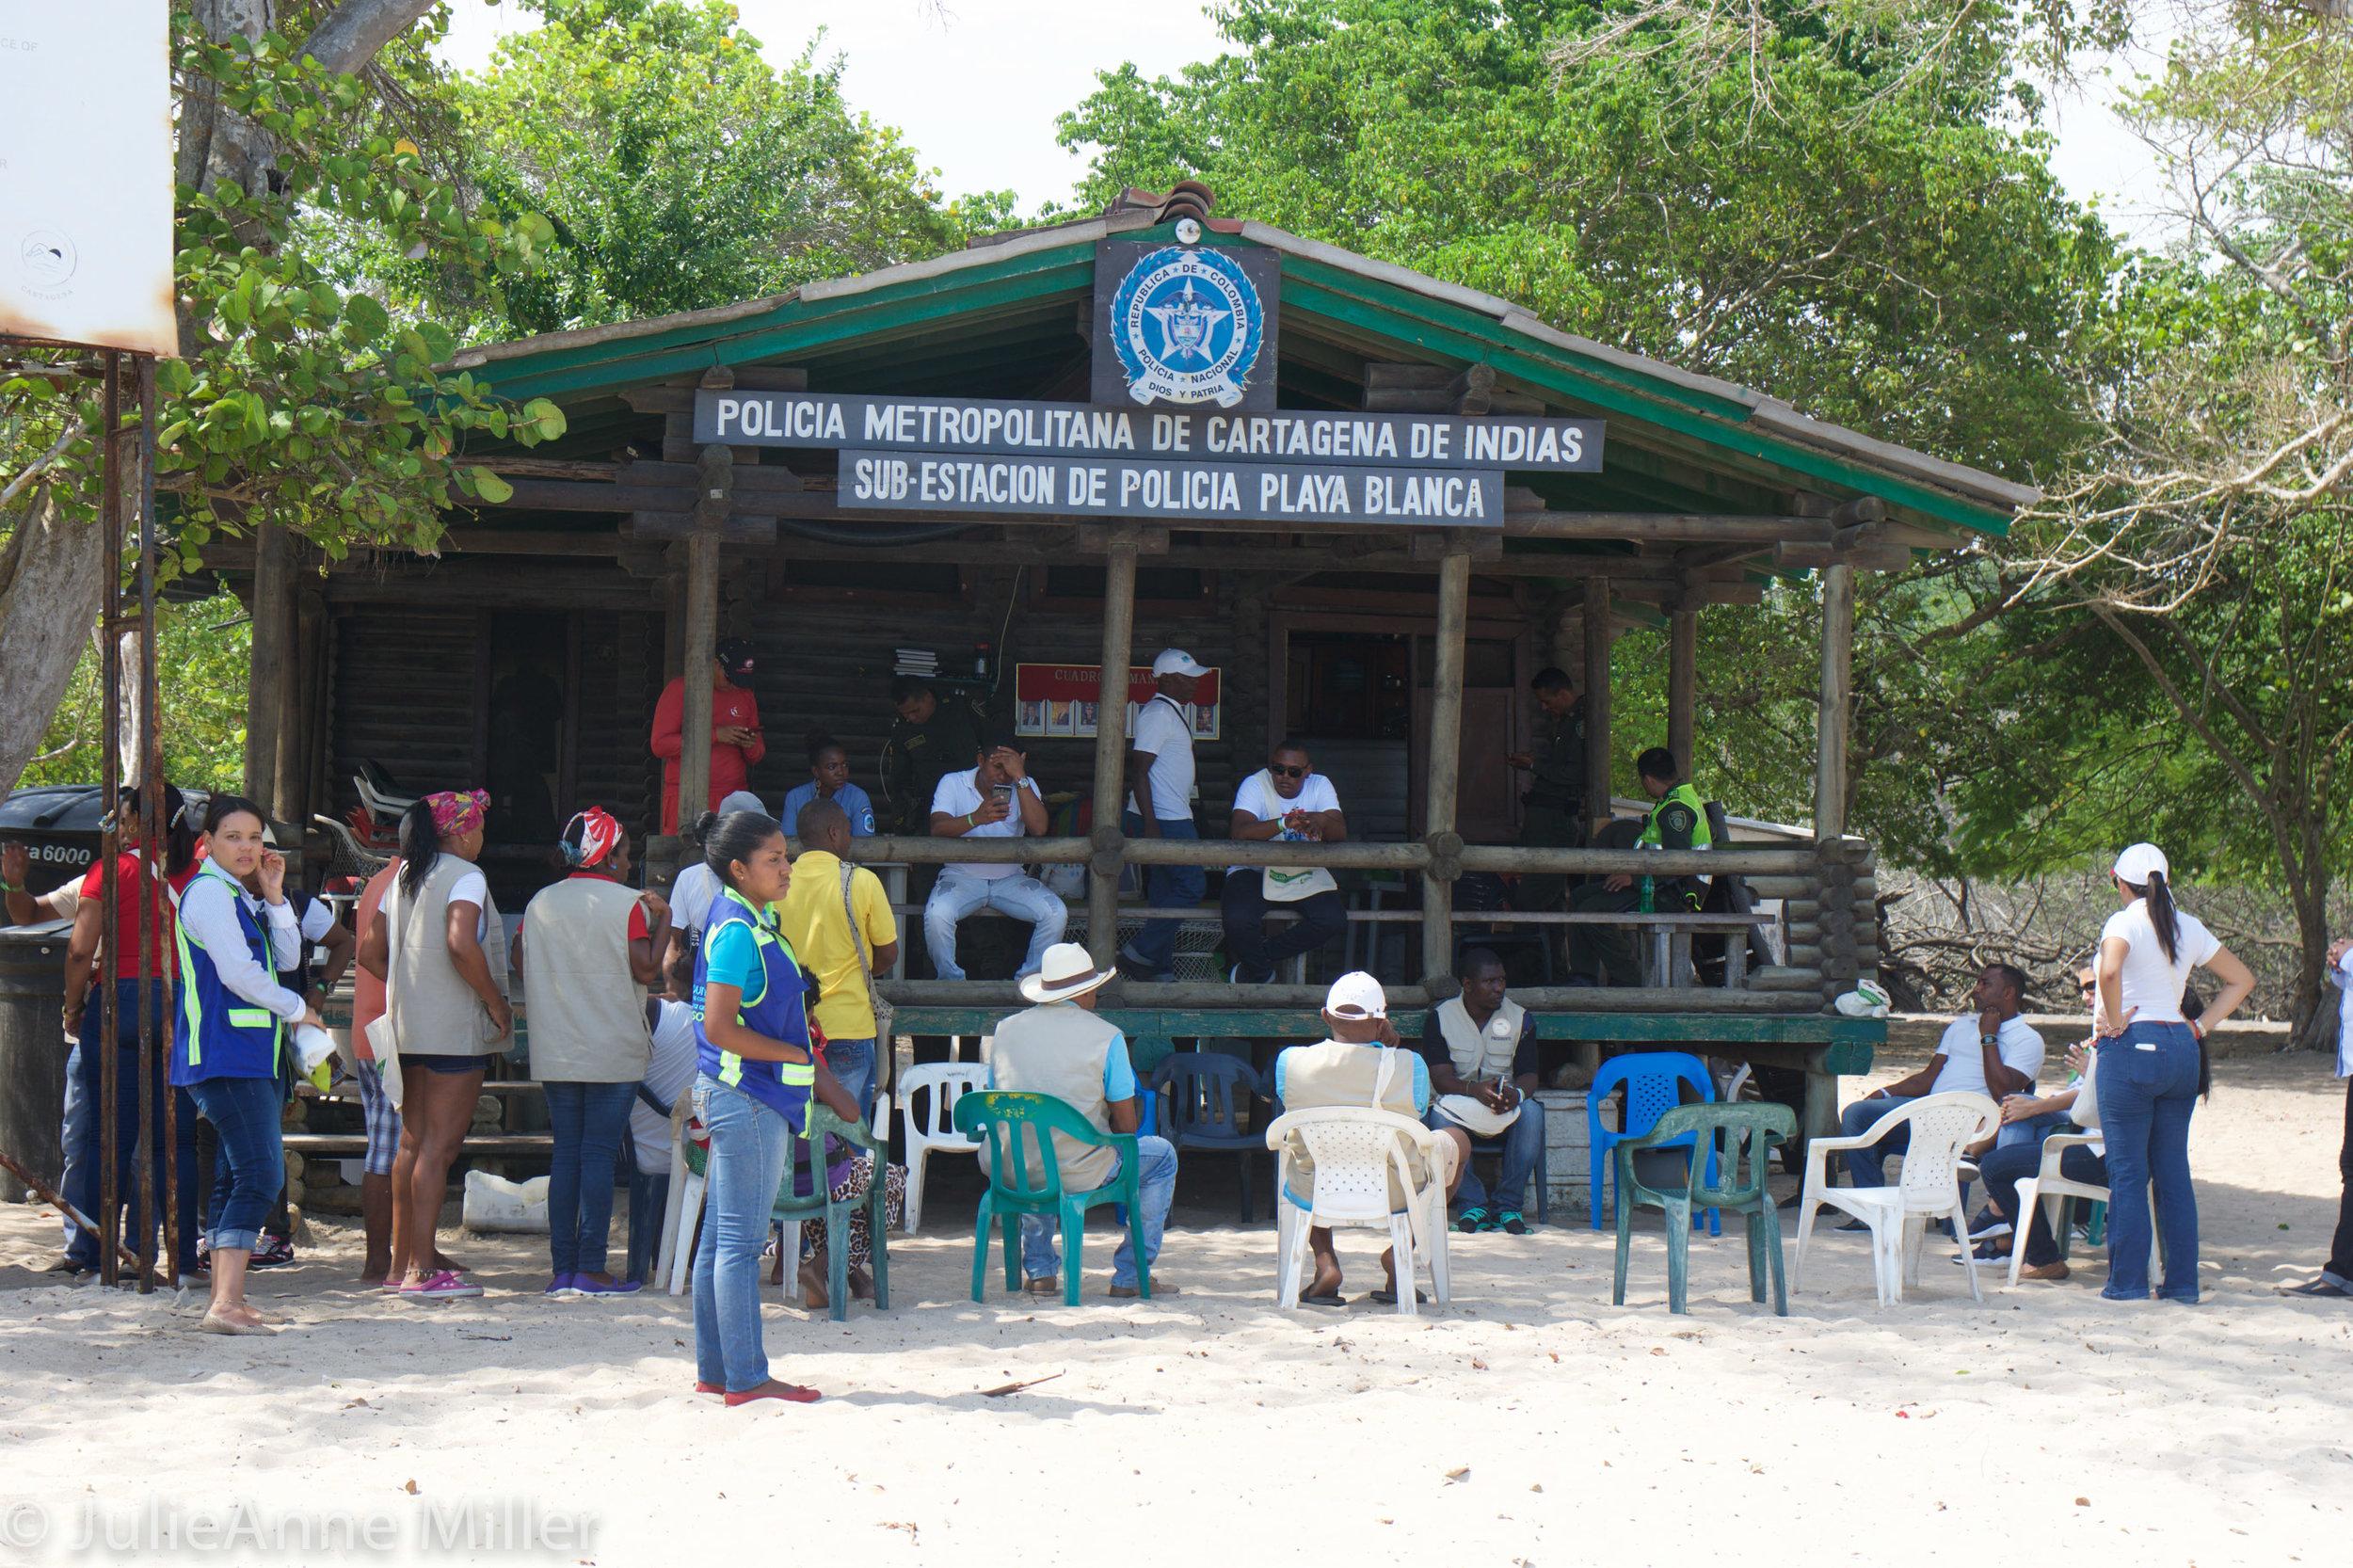 playa blanca police force.jpg